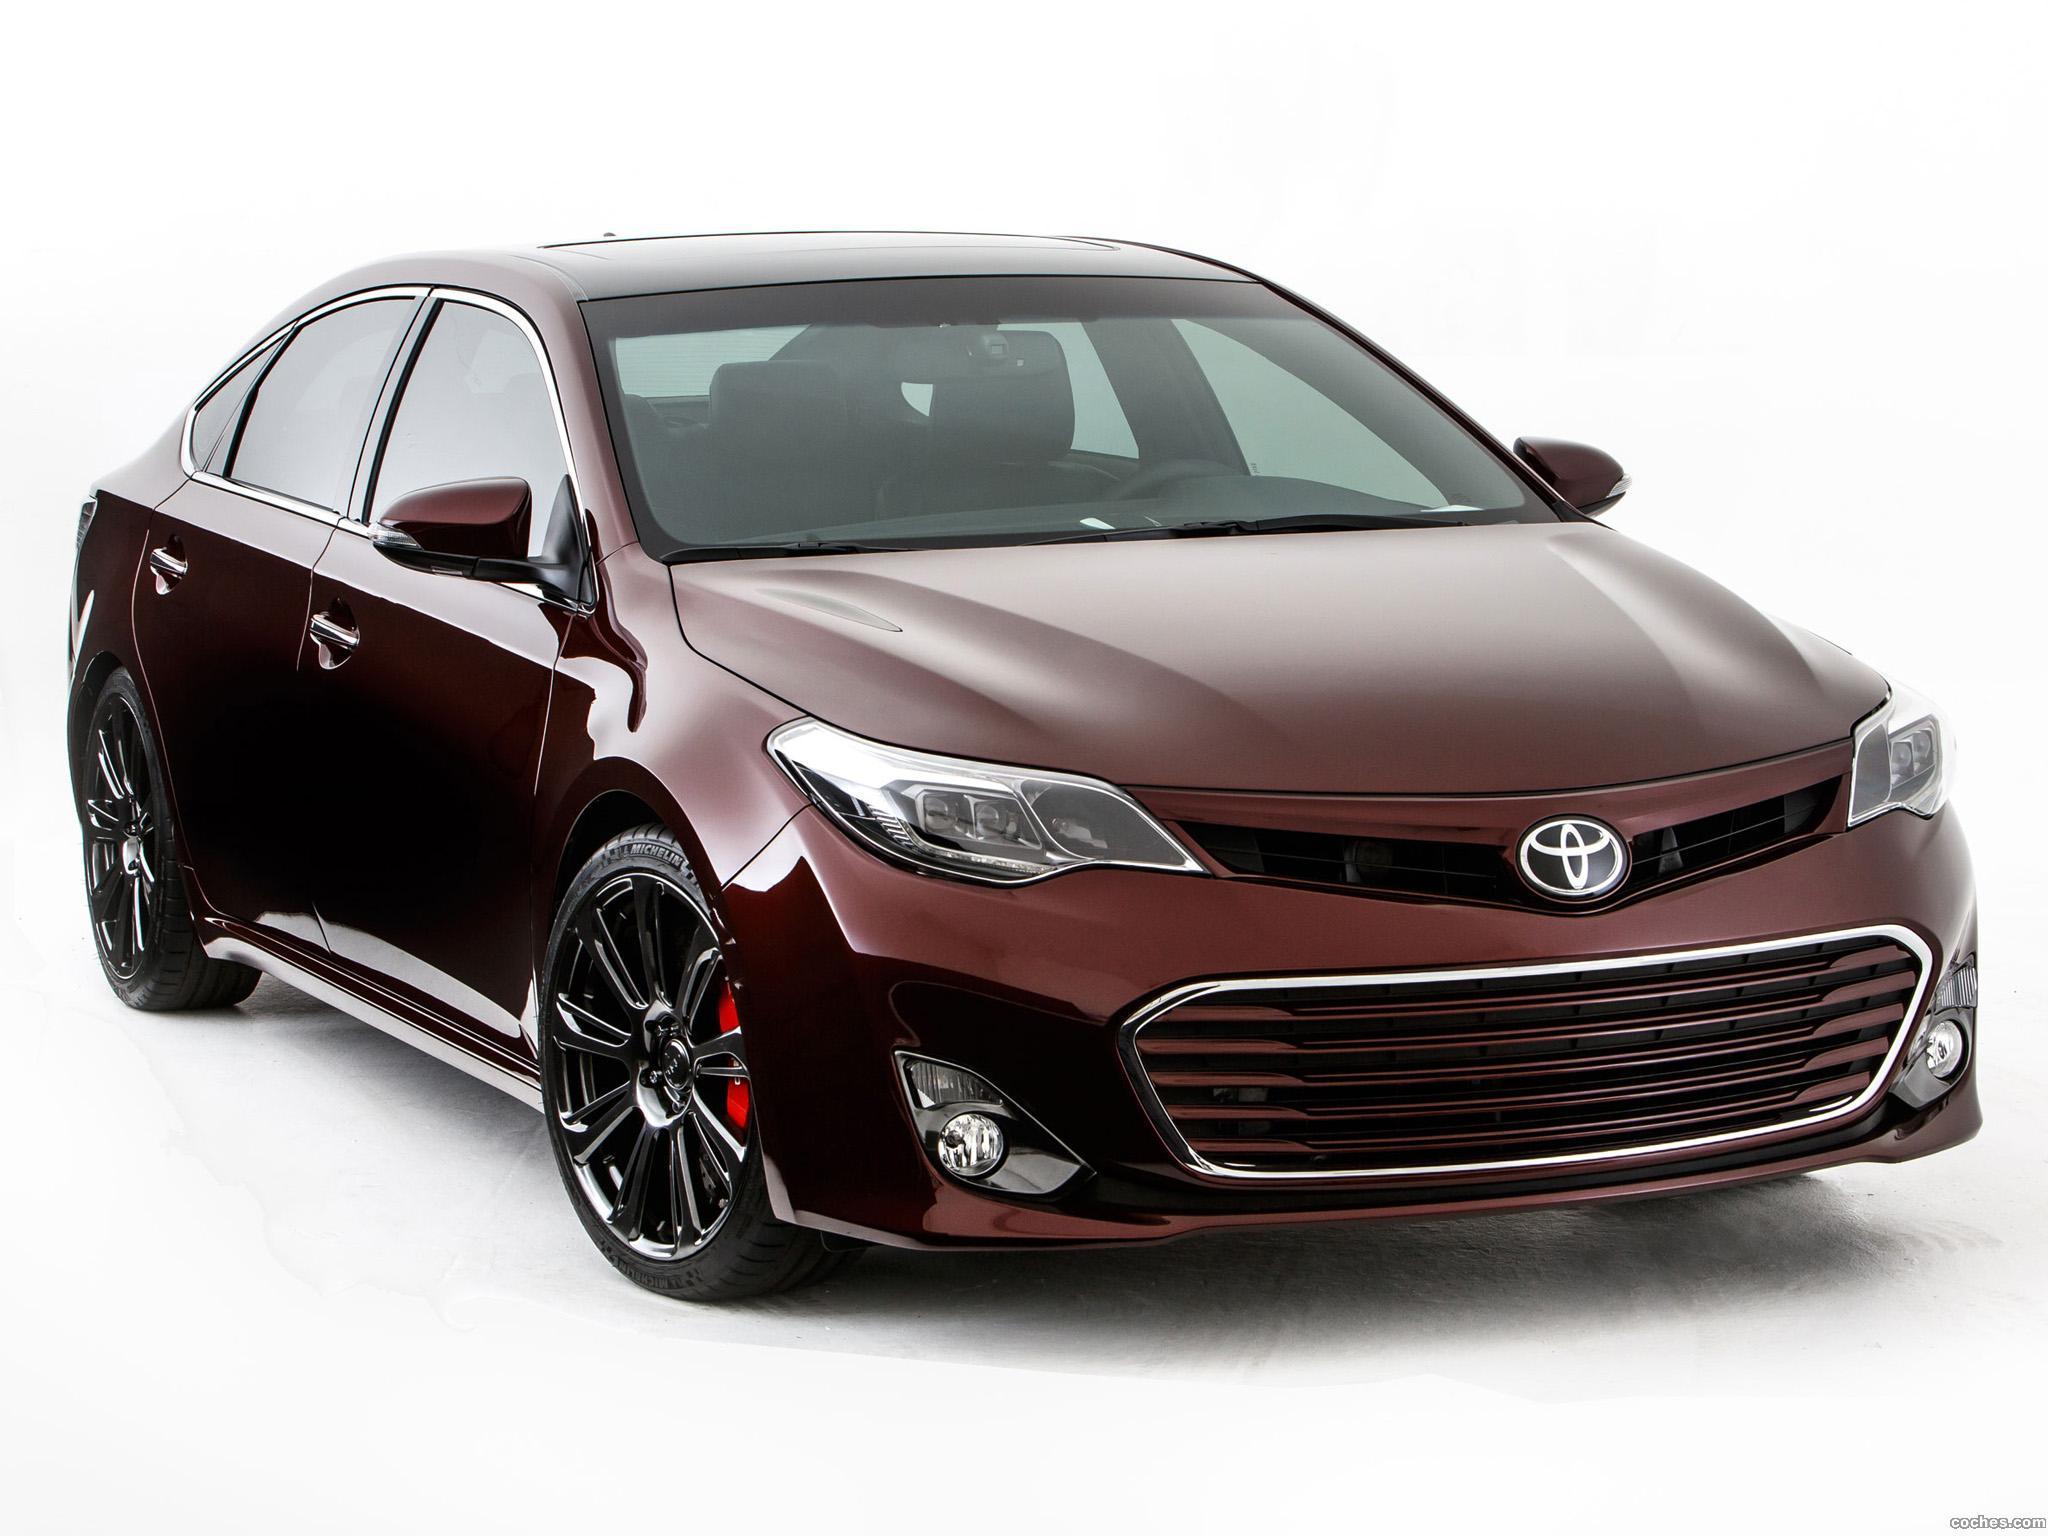 Foto 0 de Toyota TRD Avalon 2012